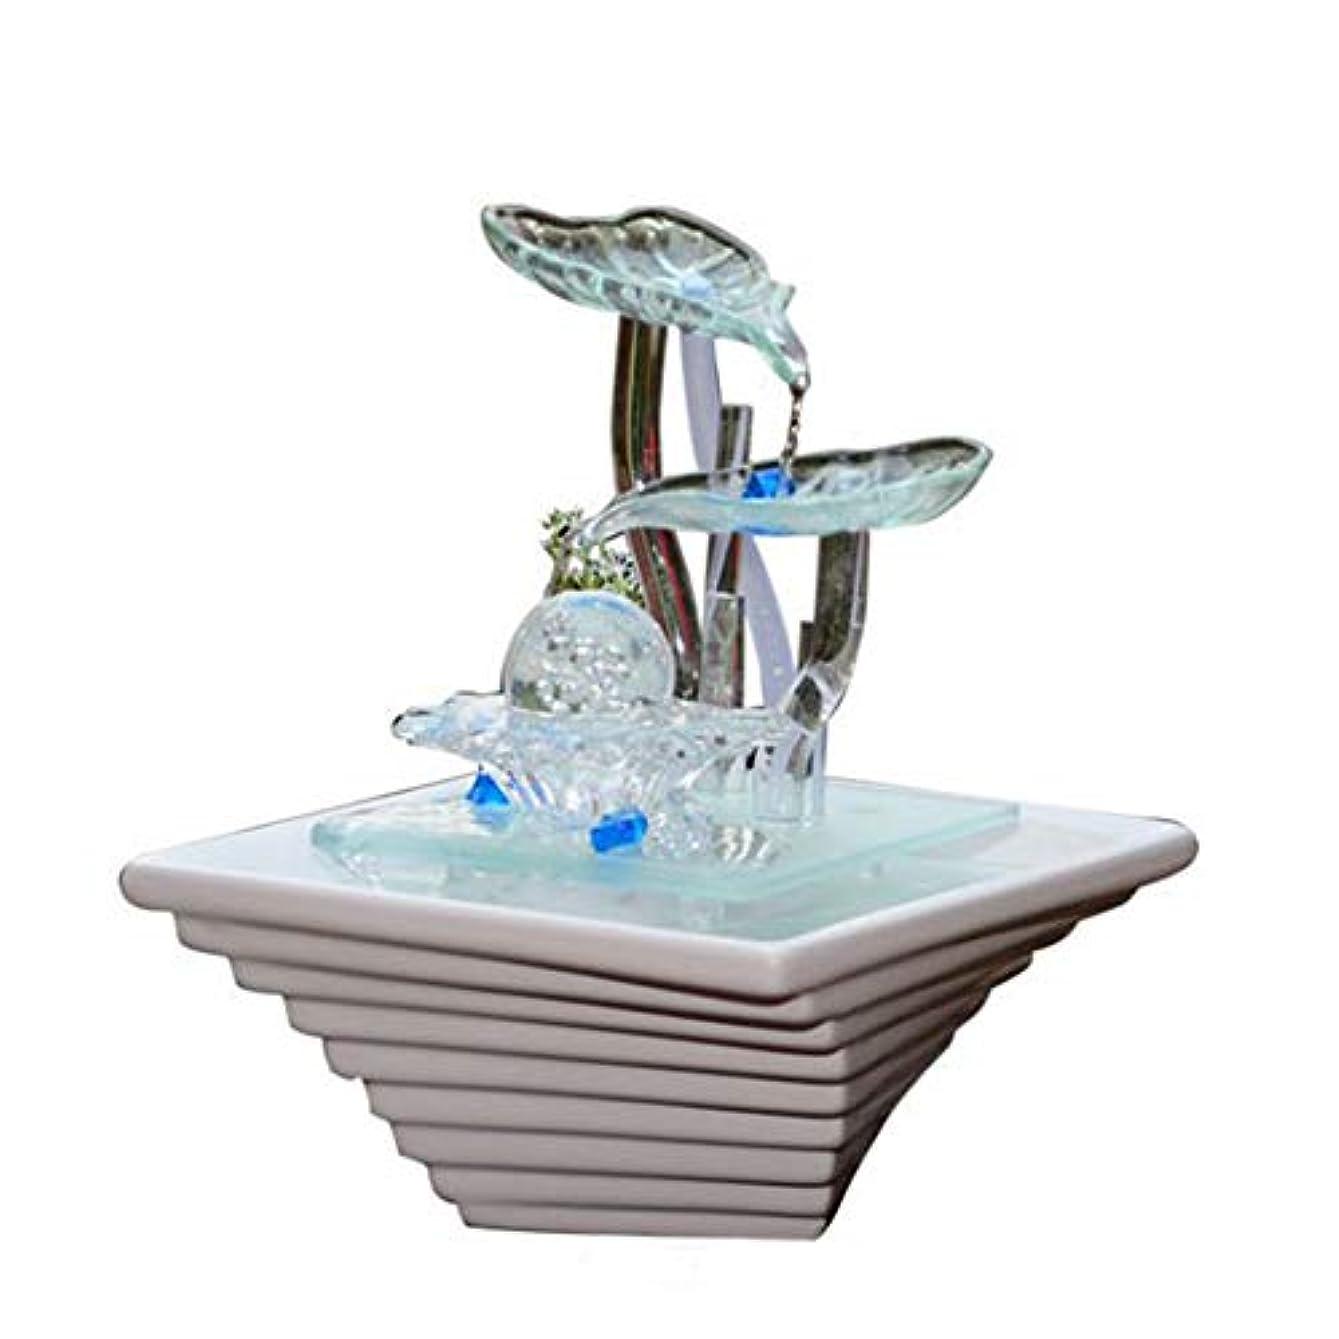 辞任あざゆるく加湿器ホームデスクトップの装飾セラミックガラス工芸品の装飾品噴水装飾品バレンタインデー結婚式の誕生日パーフェクトギフト